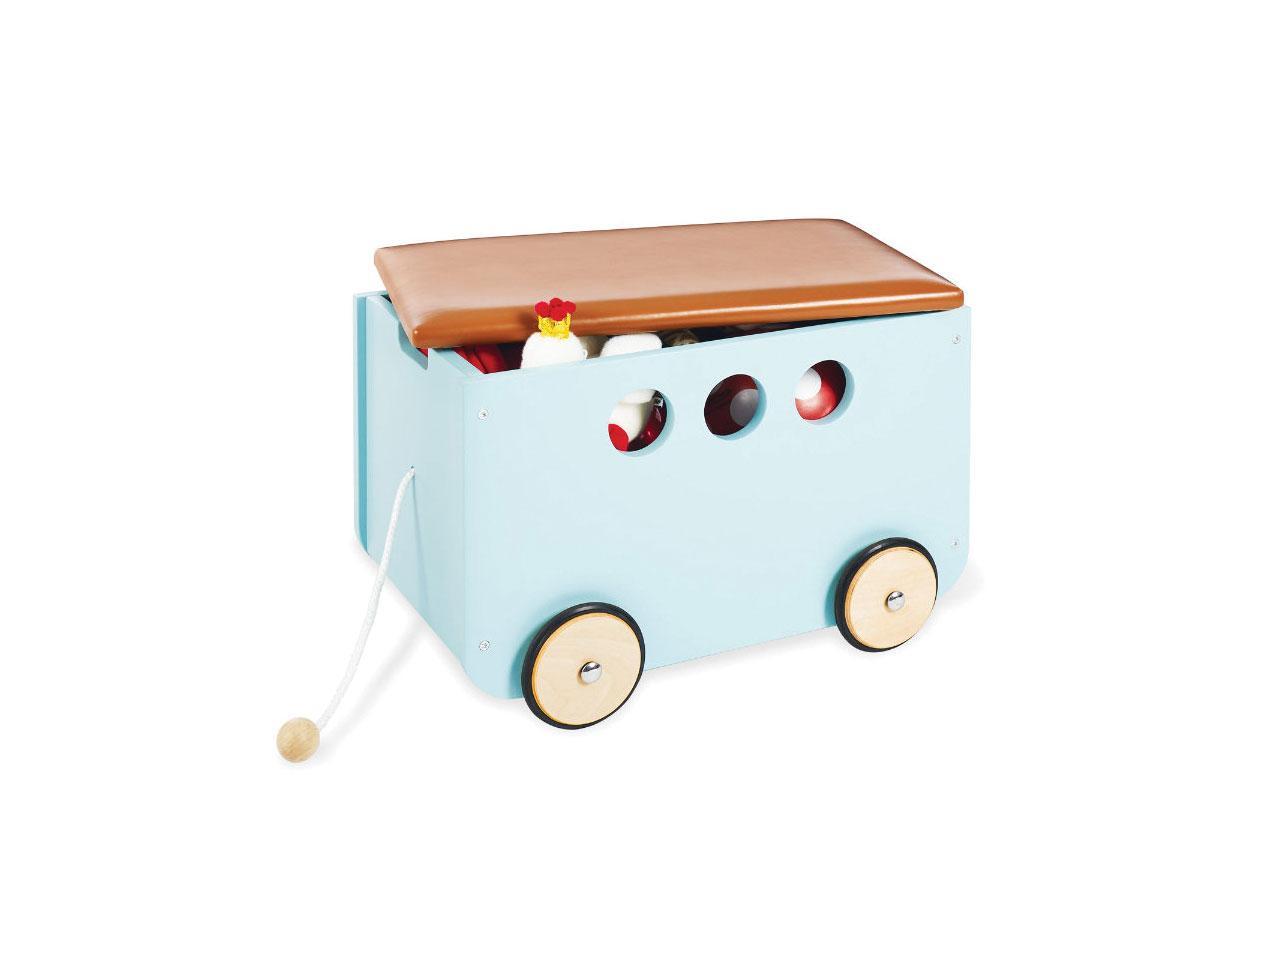 Chodítko PINOLINO Jim krabice na hračky na kolečkách, mentolová